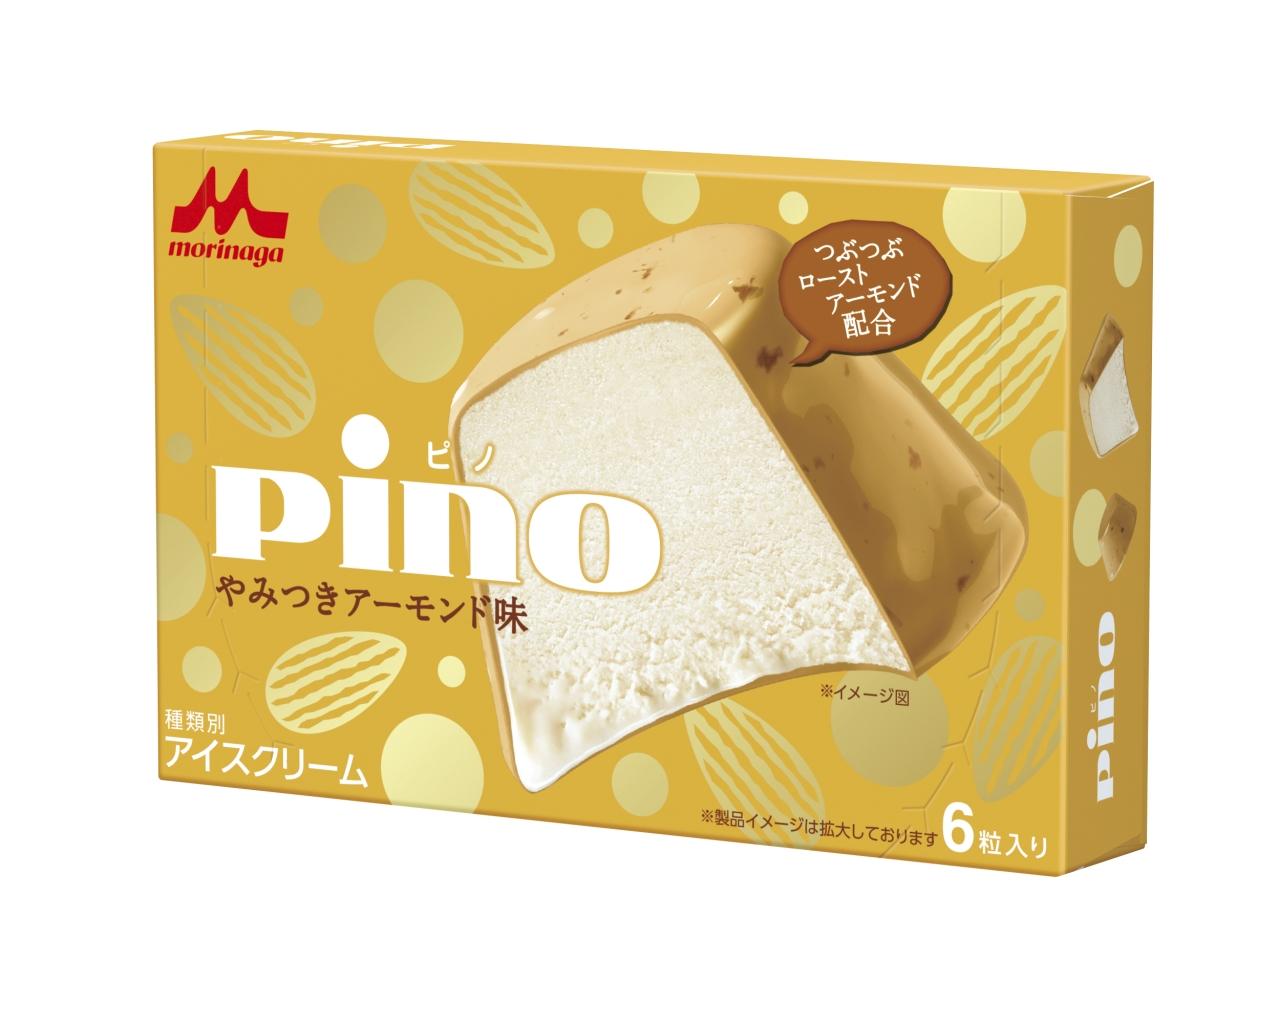 「ピノ やみつきアーモンド味」11月23日(月)より全国にて期間限定発売🌈🧡